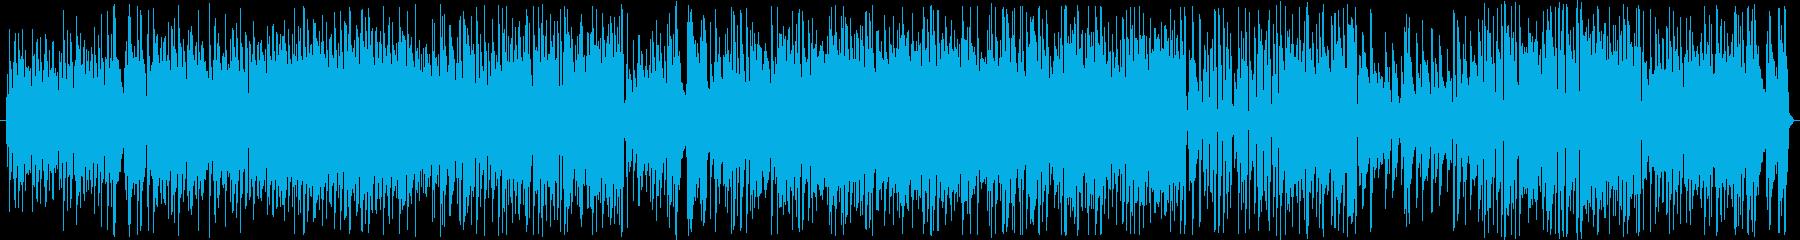 ほのぼのと楽しく歩いているような曲の再生済みの波形